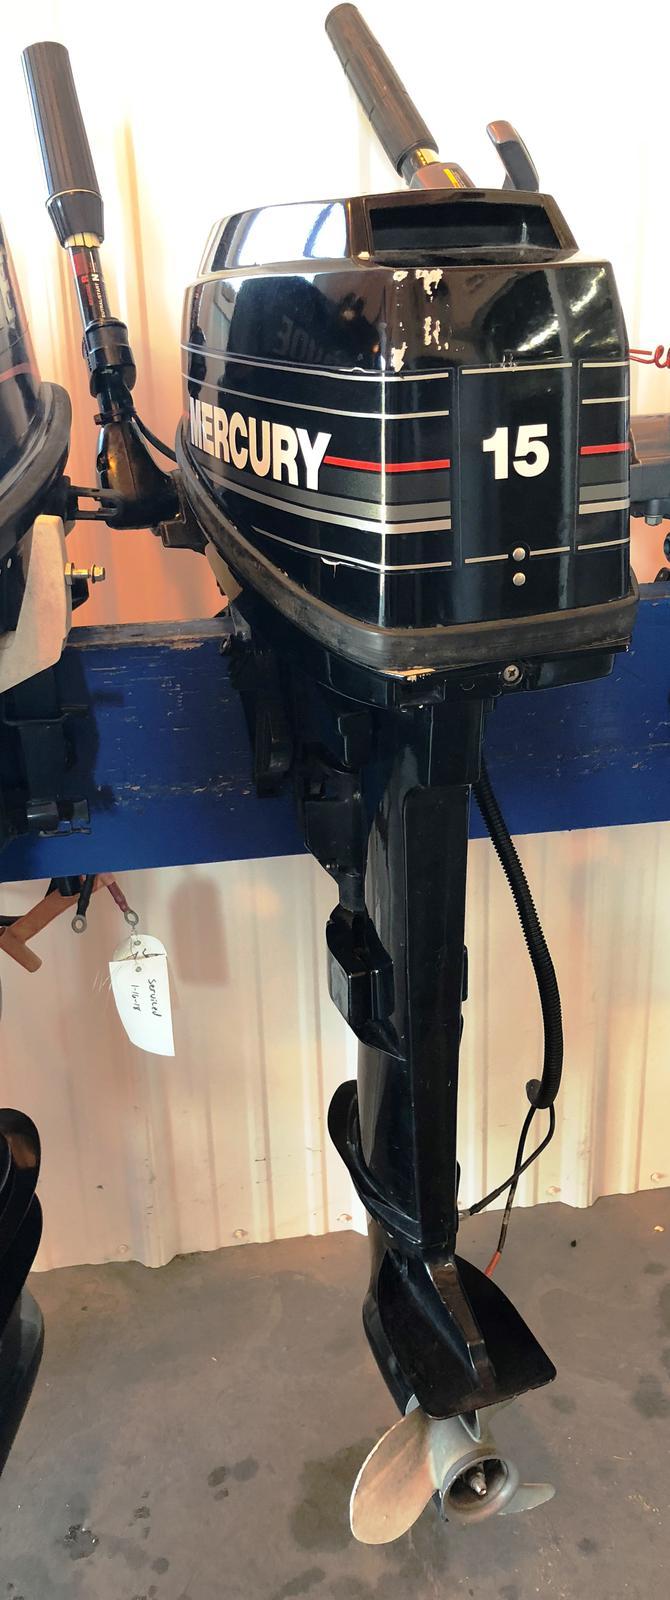 Outboard Motors From Mercury Warner S Dock Inc New Richmond Wi 715 246 6856